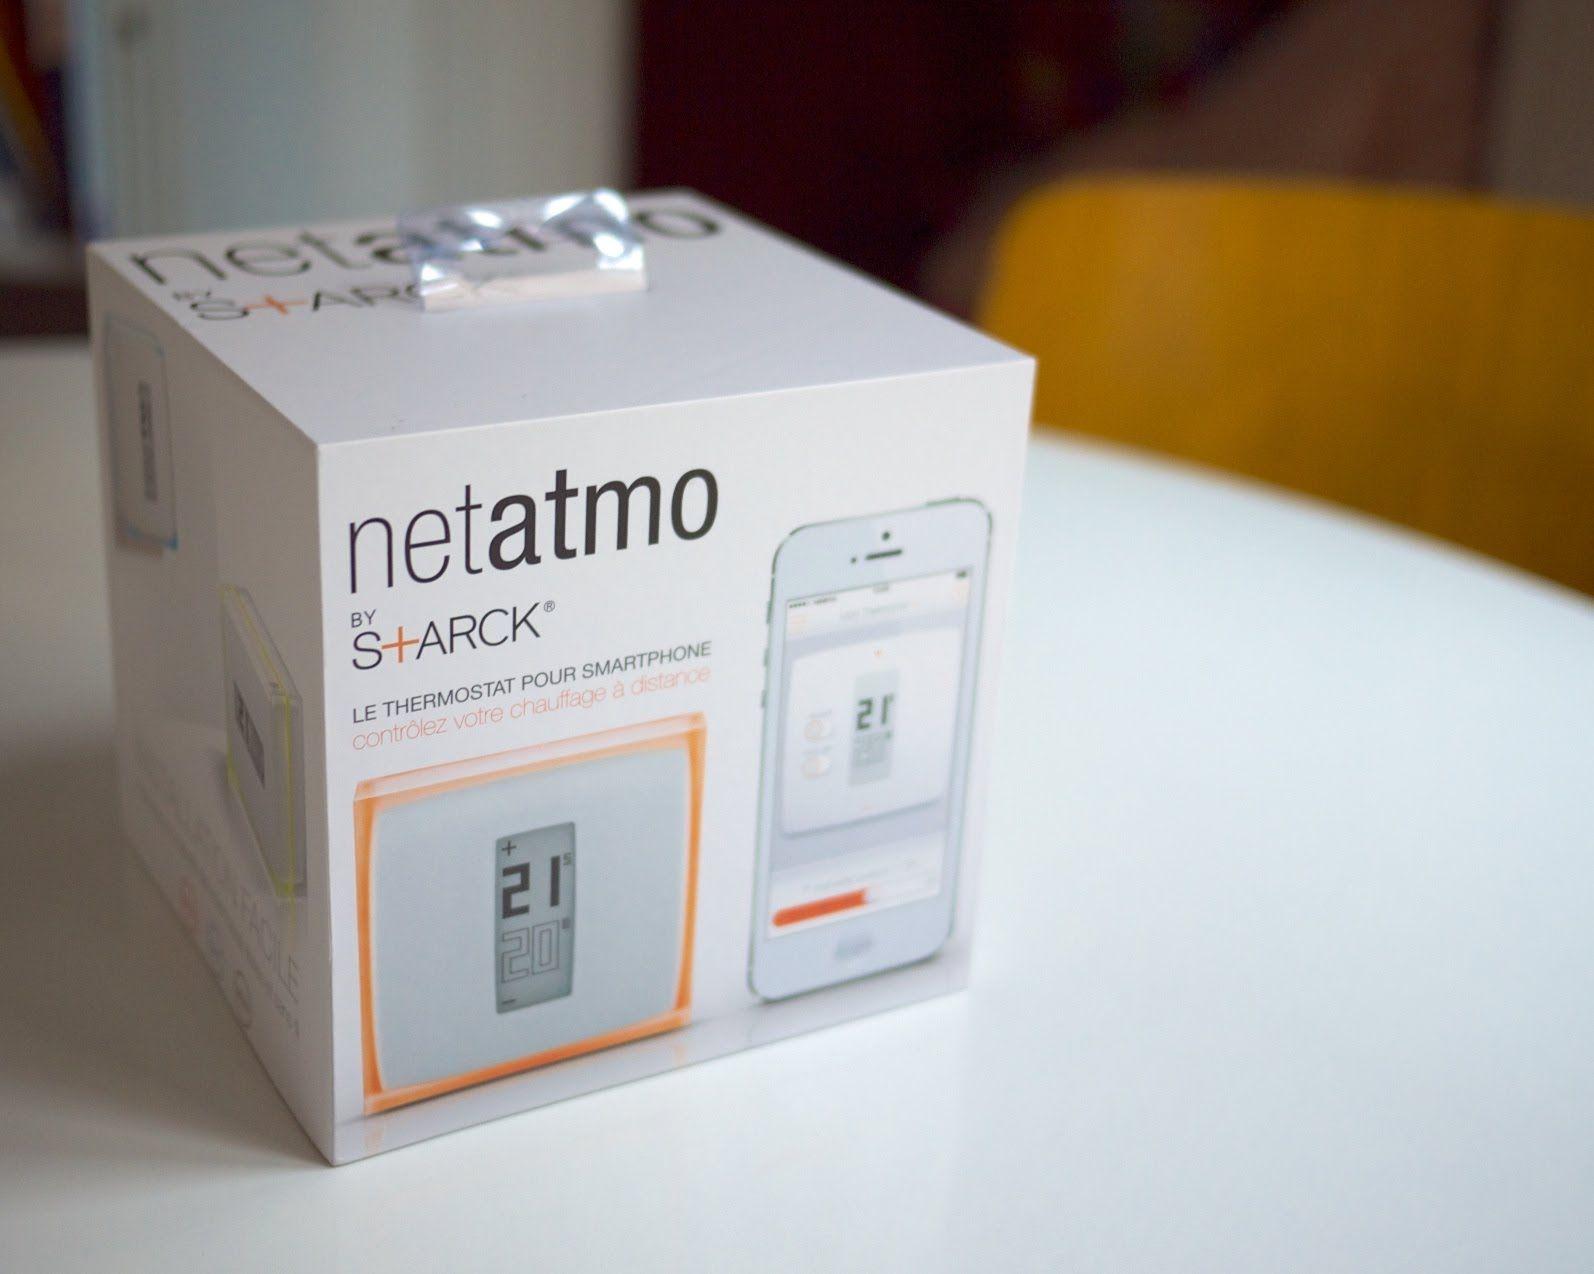 Schema Collegamento Di Termostati A Elettrovalvole E Caldaia : Netatmo il termostato che si controlla da smartphone e tablet la